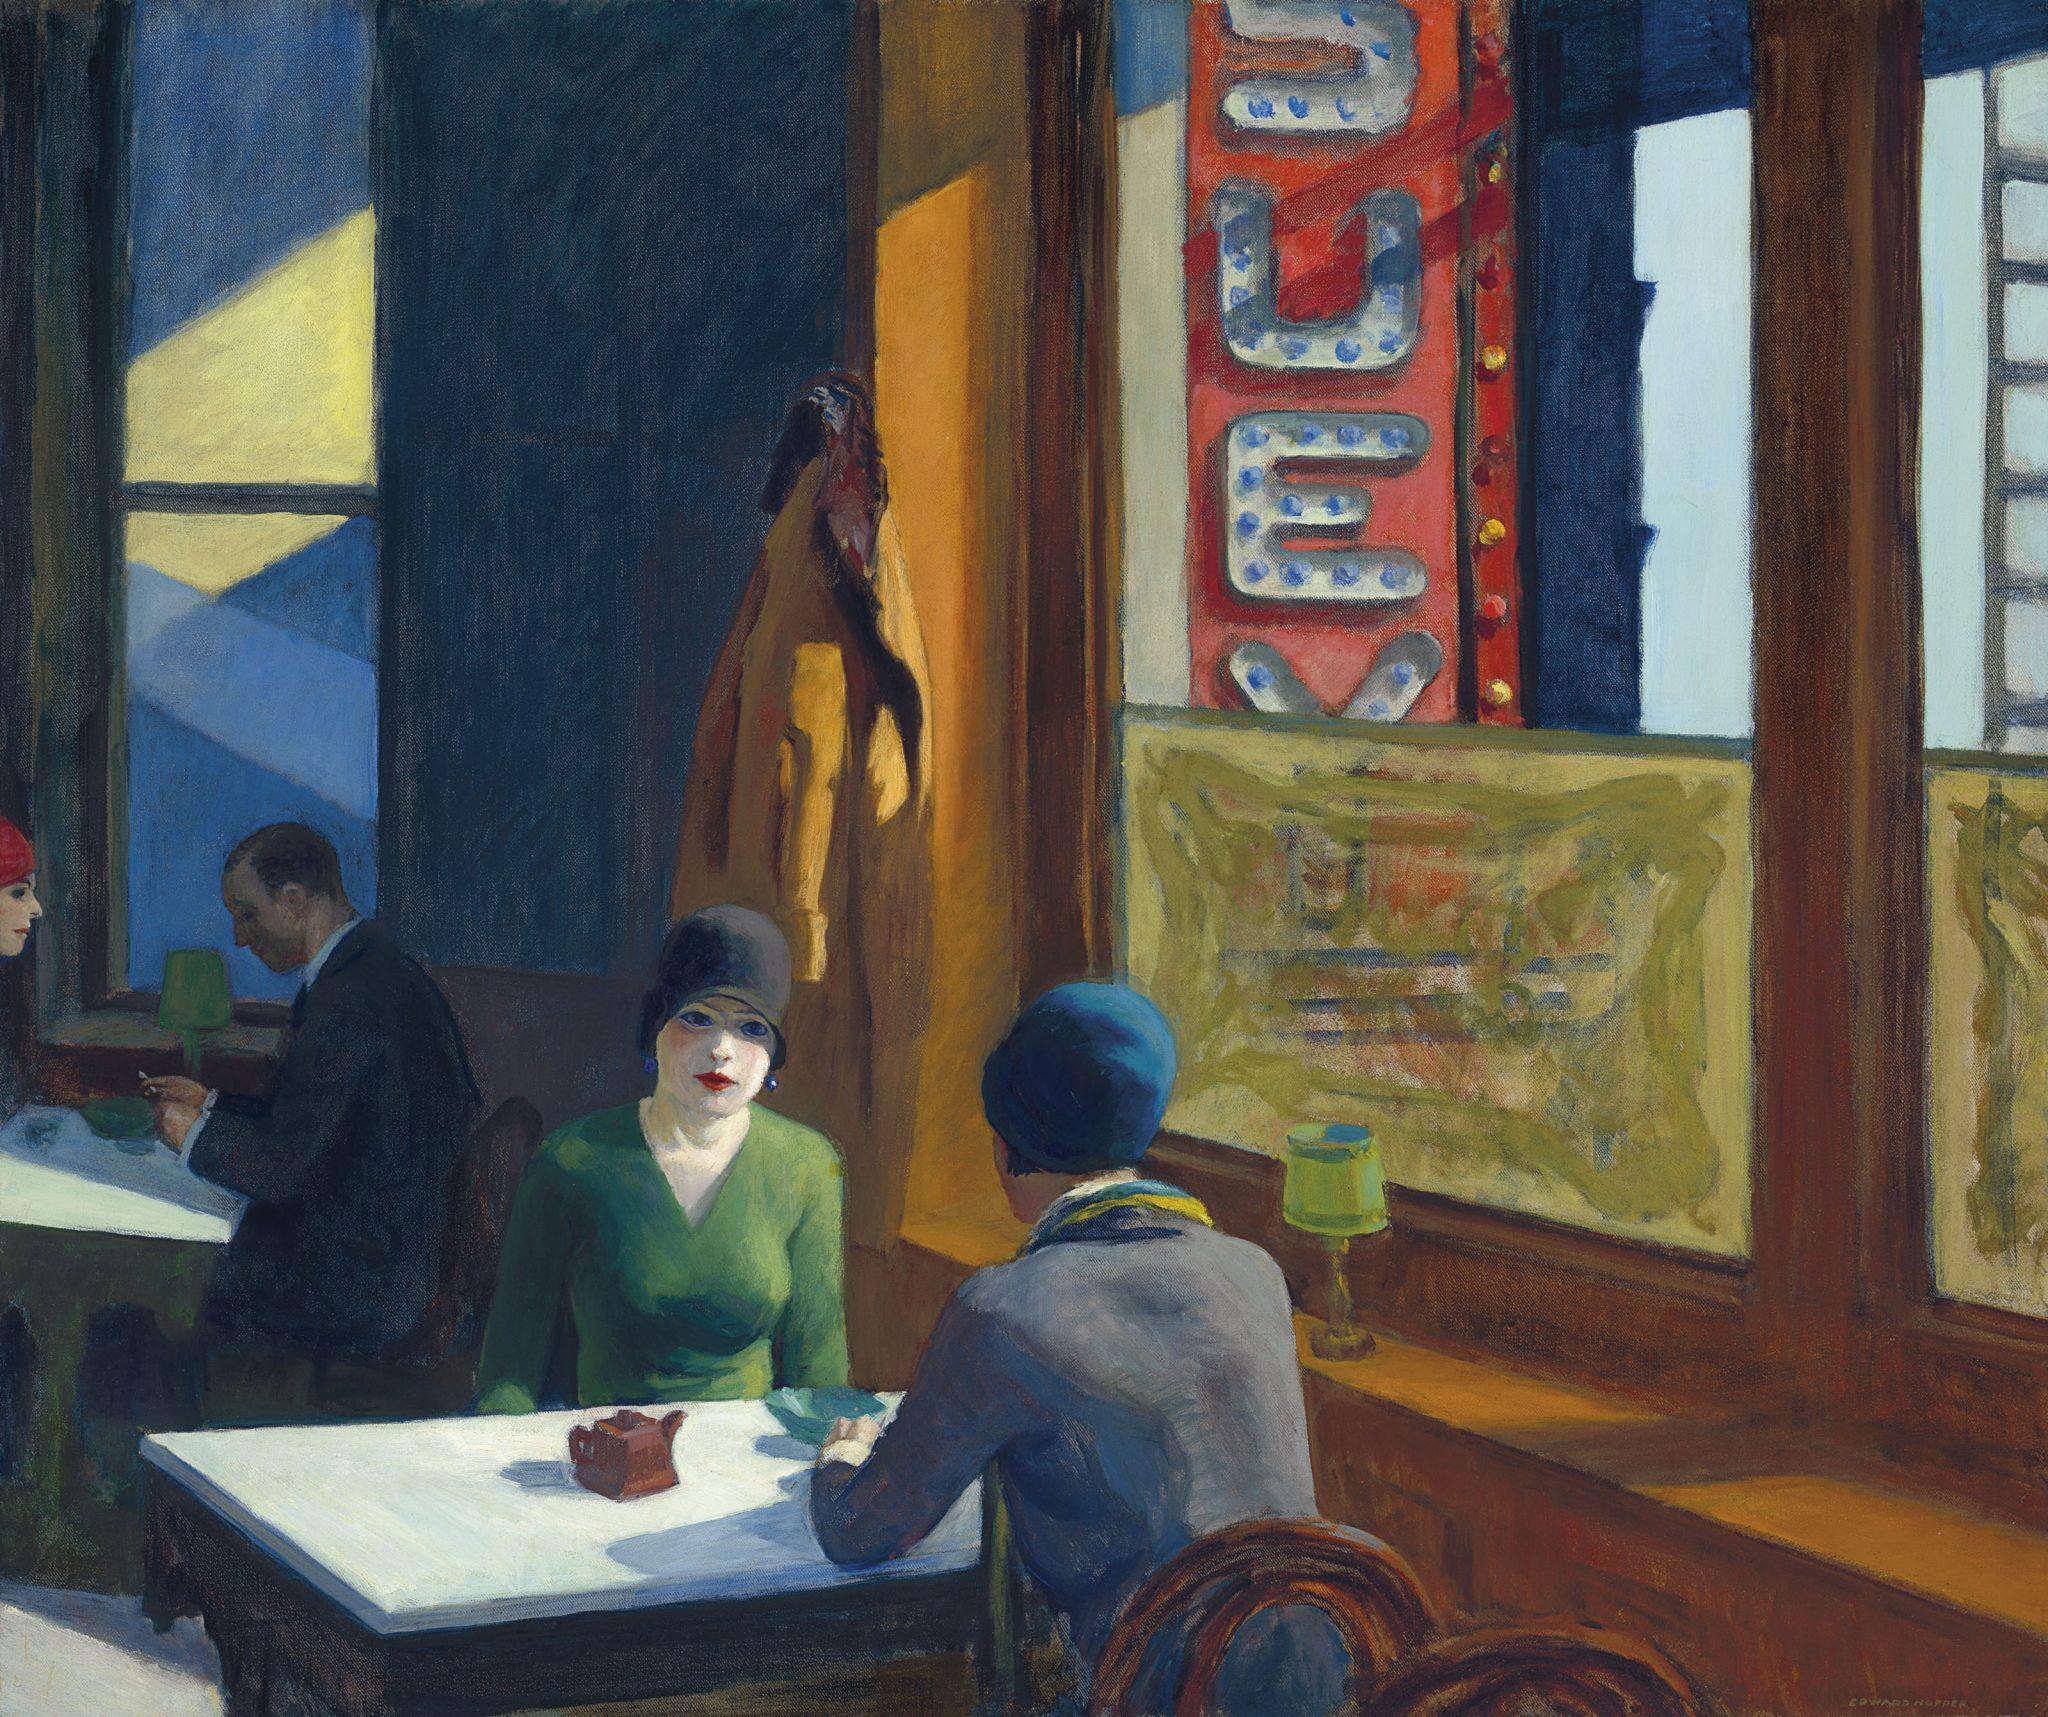 Edward Hopper a 91,2 milioni guida l'asta Ebsworth da Christie's (317 milioni$)